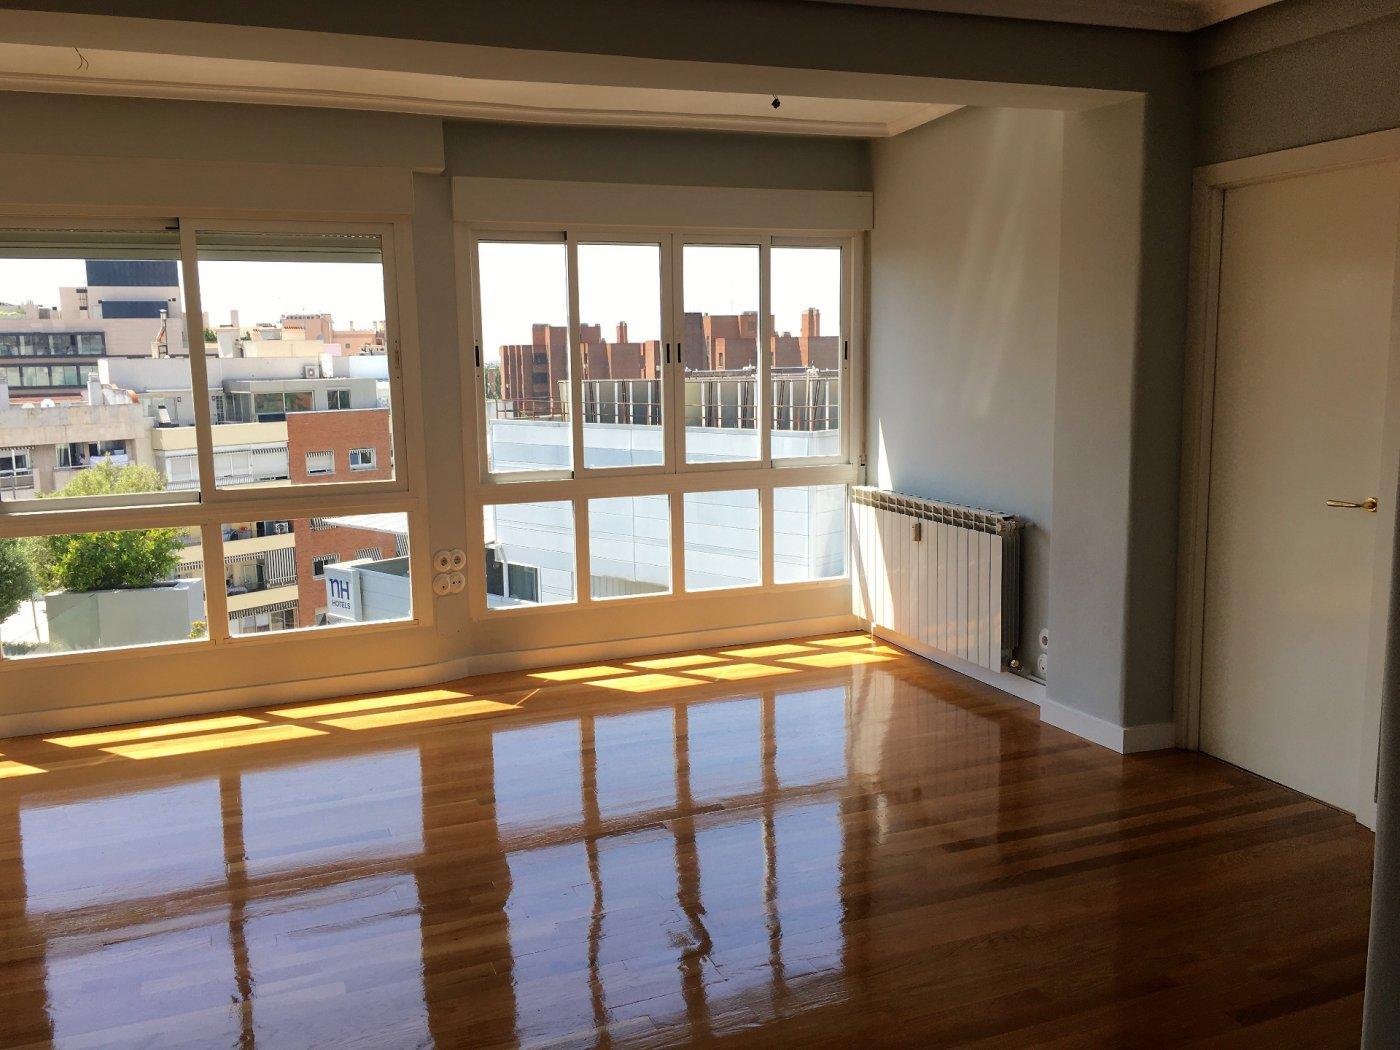 Alquiler de piso en madrid - imagenInmueble2